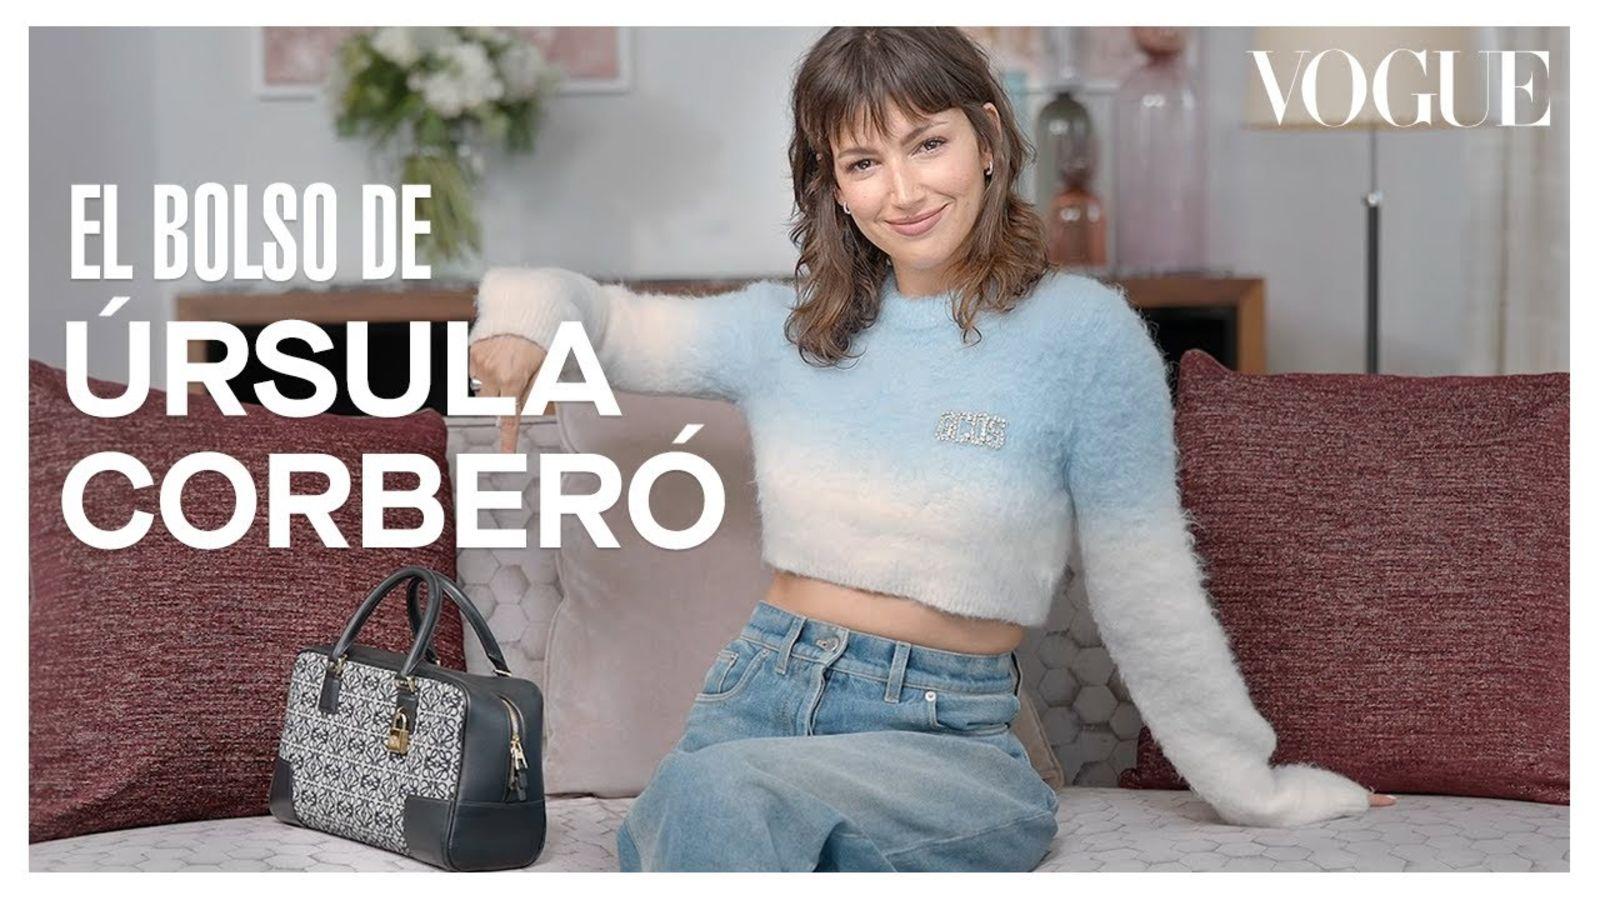 Úrsula Corberó revela lo que lleva en su bolsa y la historia de cada objeto